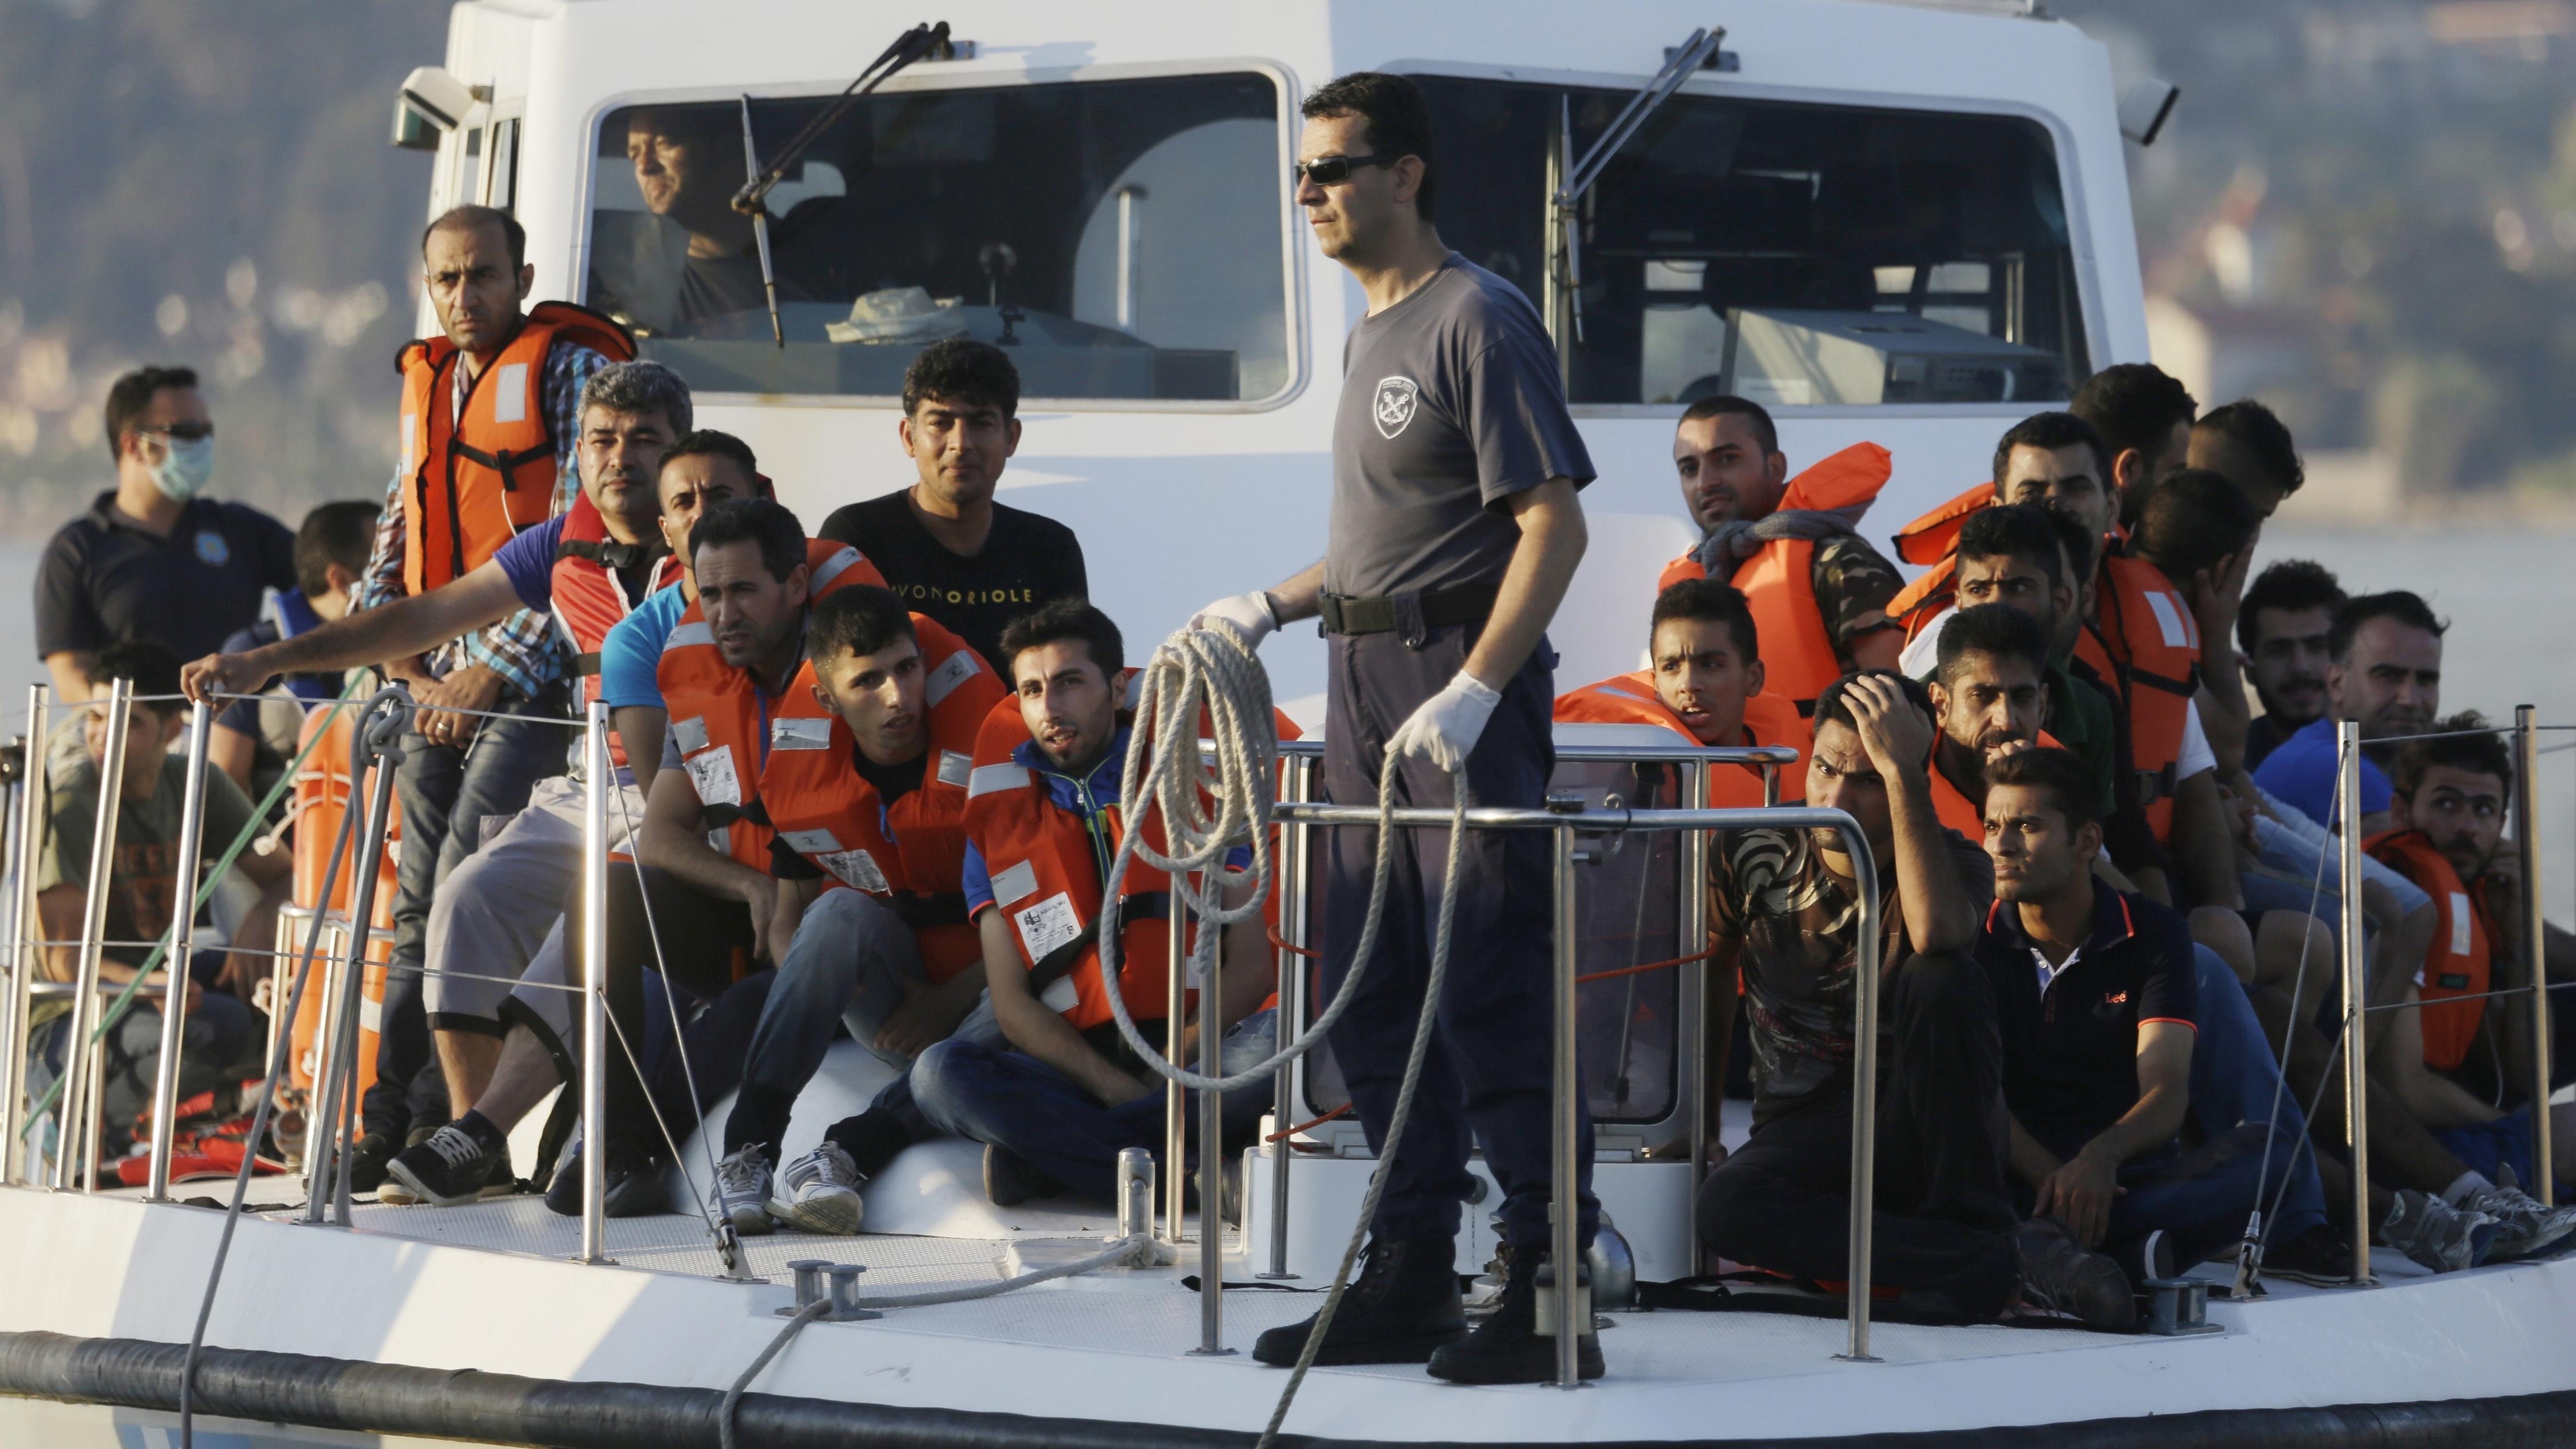 Ενώ το Λιμενικό Σώμα καταβάλει υπεράνθρωπες προσπάθειες για να διασώζει λαθρομετανάστες, το αντίστοιχο τουρκικό παθητικά υποστηρίζει τα δίκτυα διακίνησης.